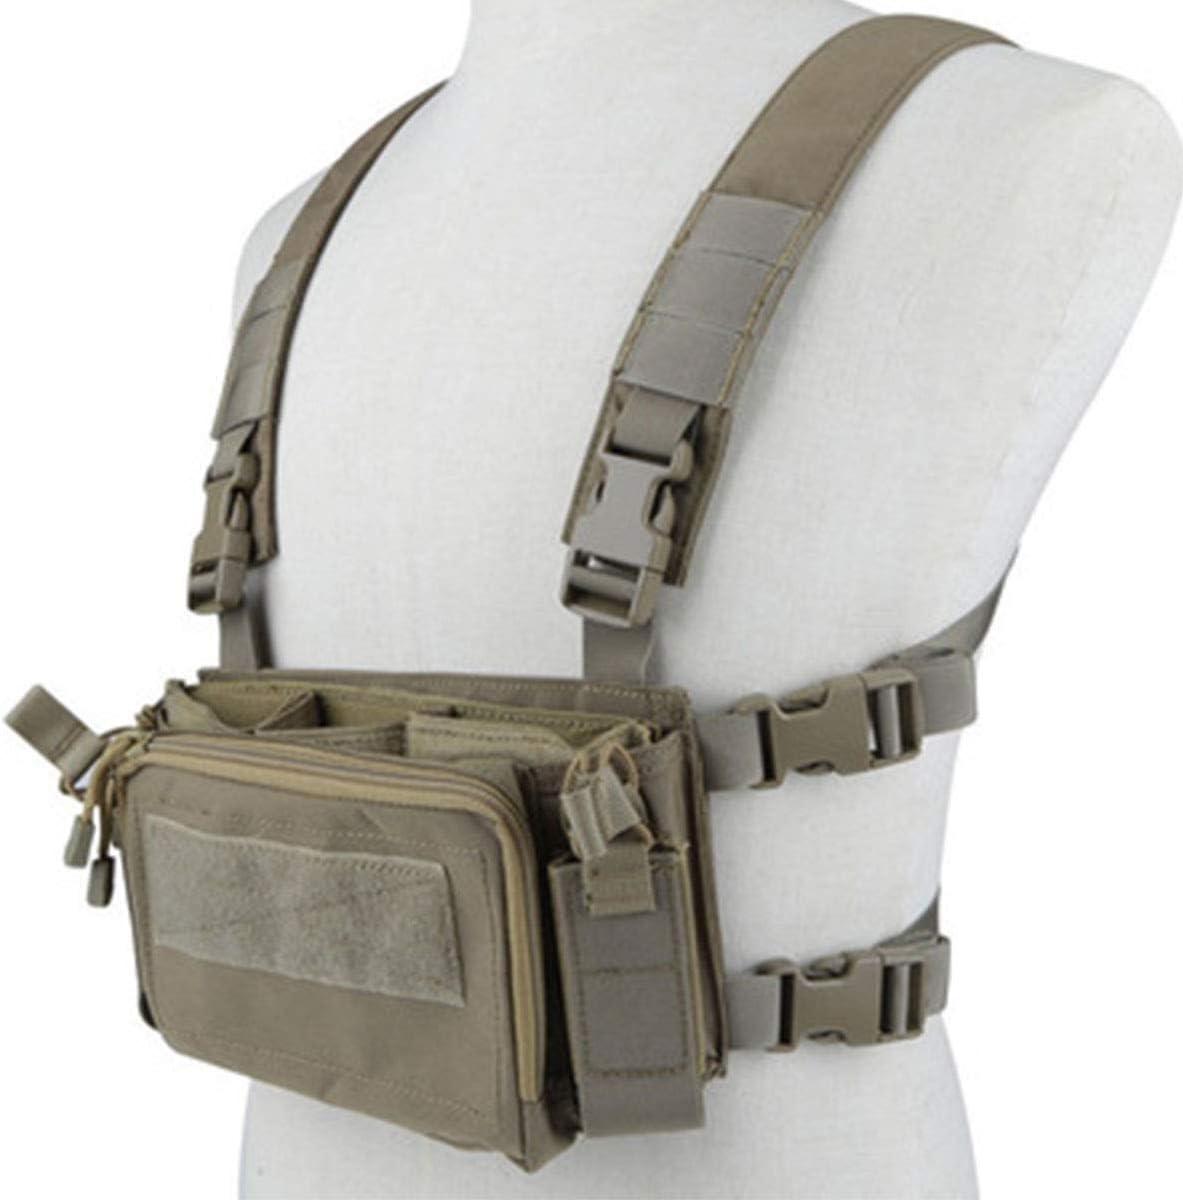 YSGJ Combate Militar al Aire Libre Suave Fundido Protector de Pecho del Chaleco de la Pistola de Disparo comprimido Combate Las Fuerzas Especiales Equipo Equipo Ligero Chaleco táctico